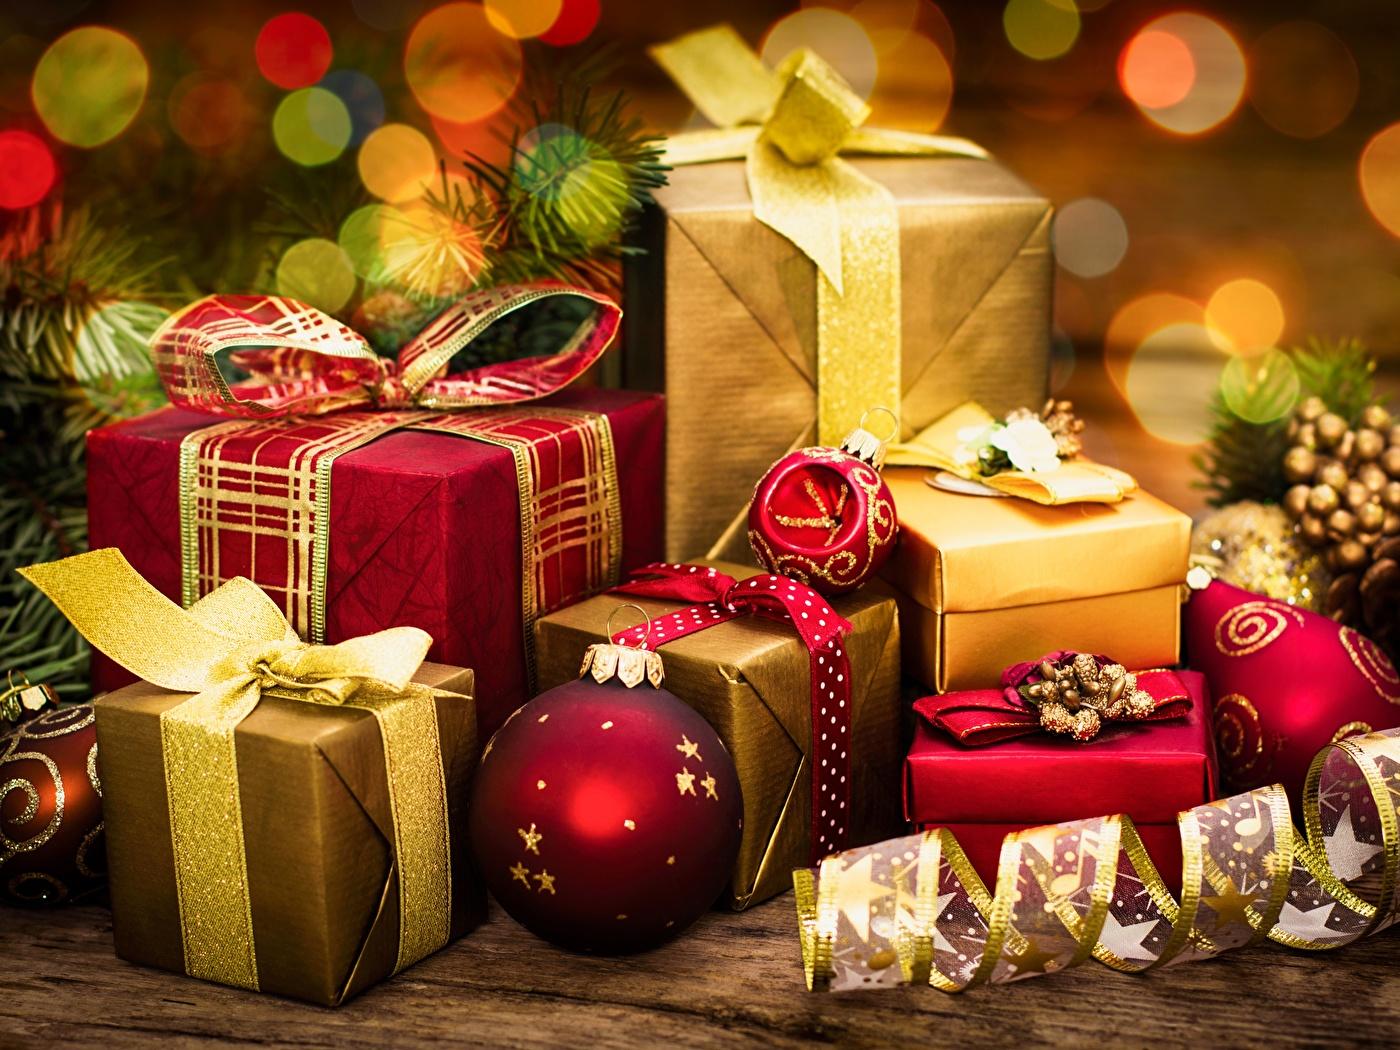 У нас есть идея подарка на Новый Год